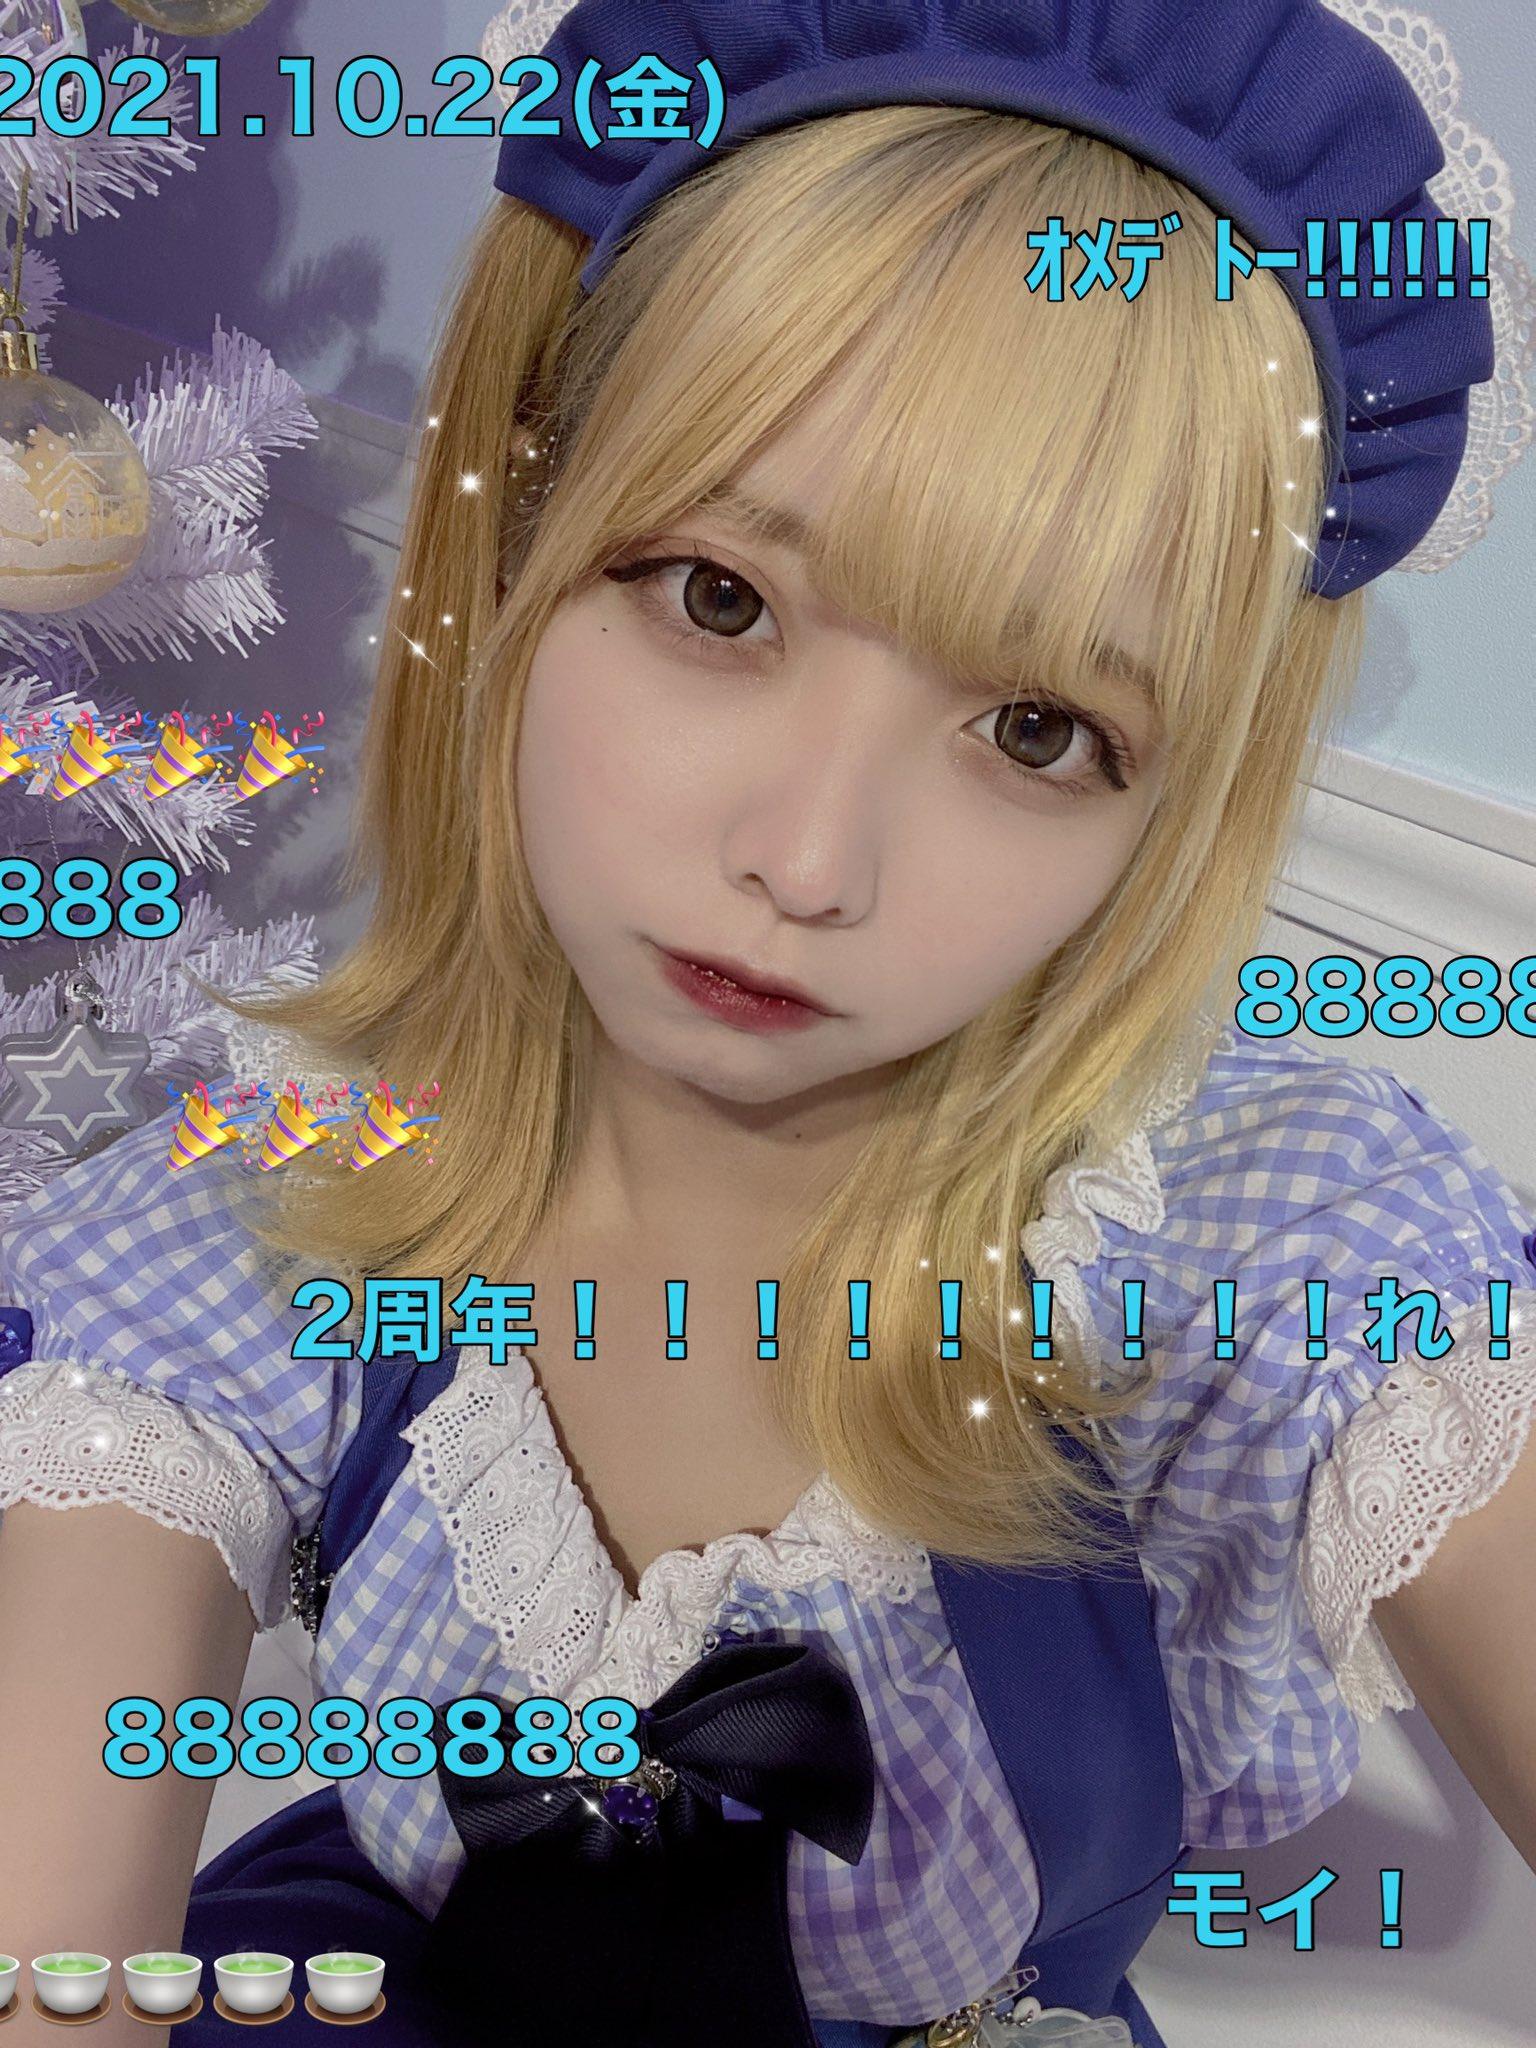 【10月22日】凪ちゃん2周年記念イベント